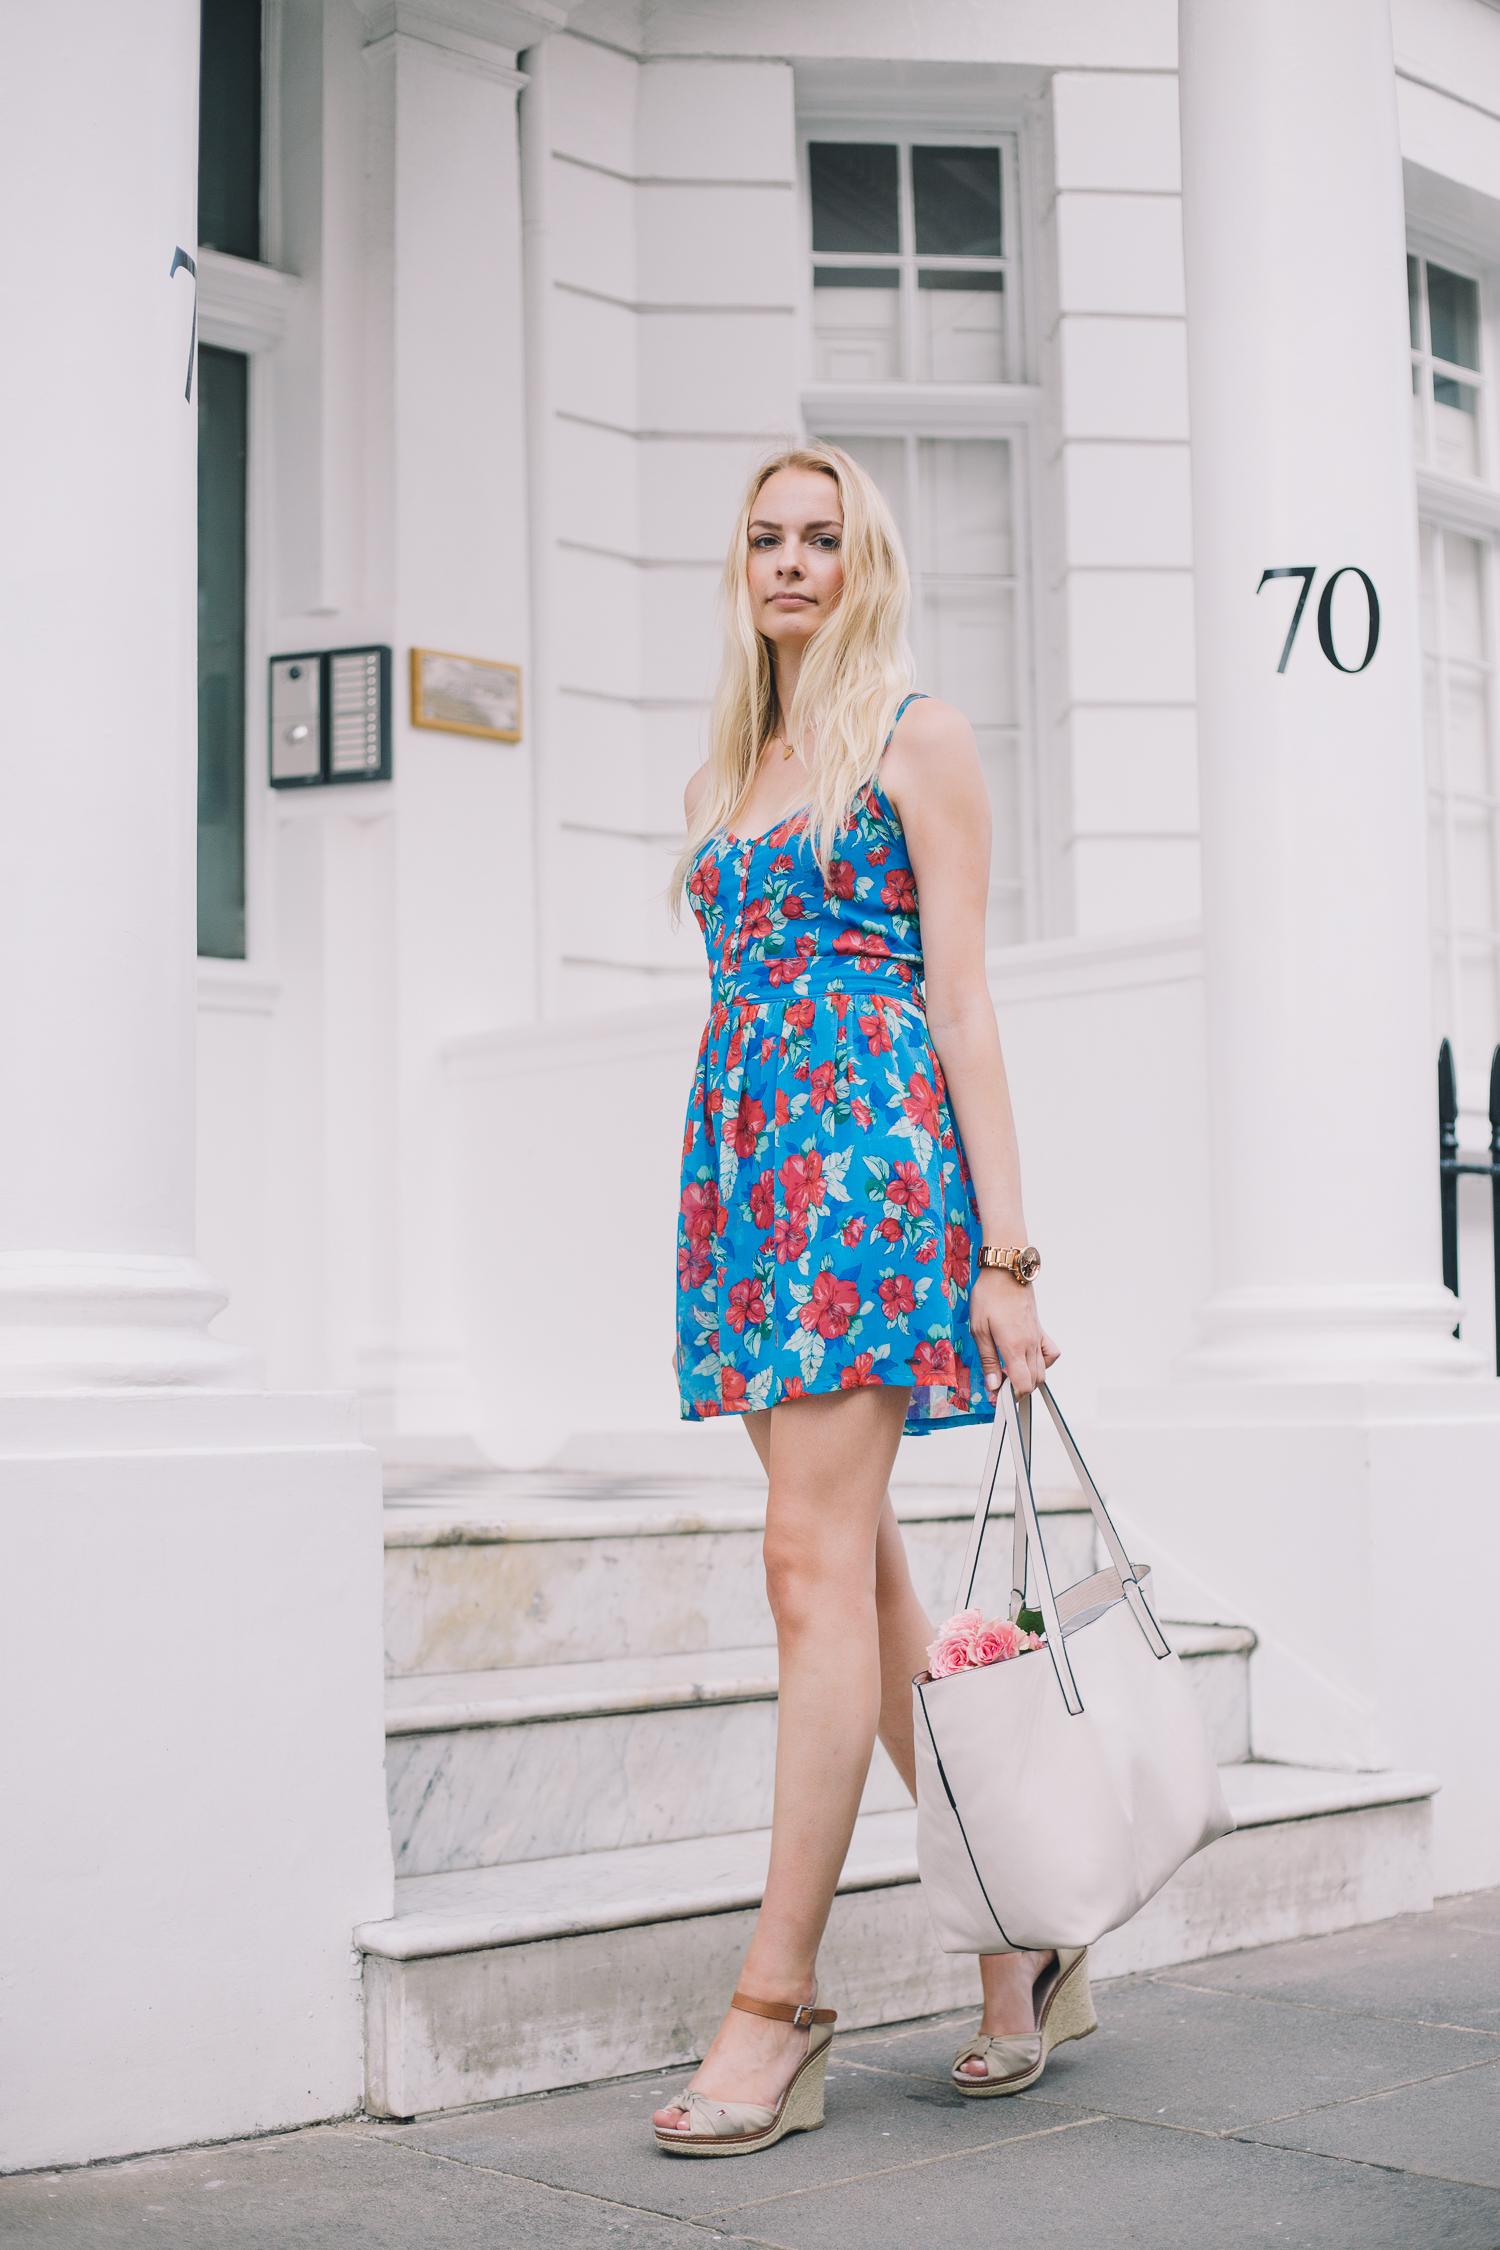 Marietta_Dress2_ (7 of 145)